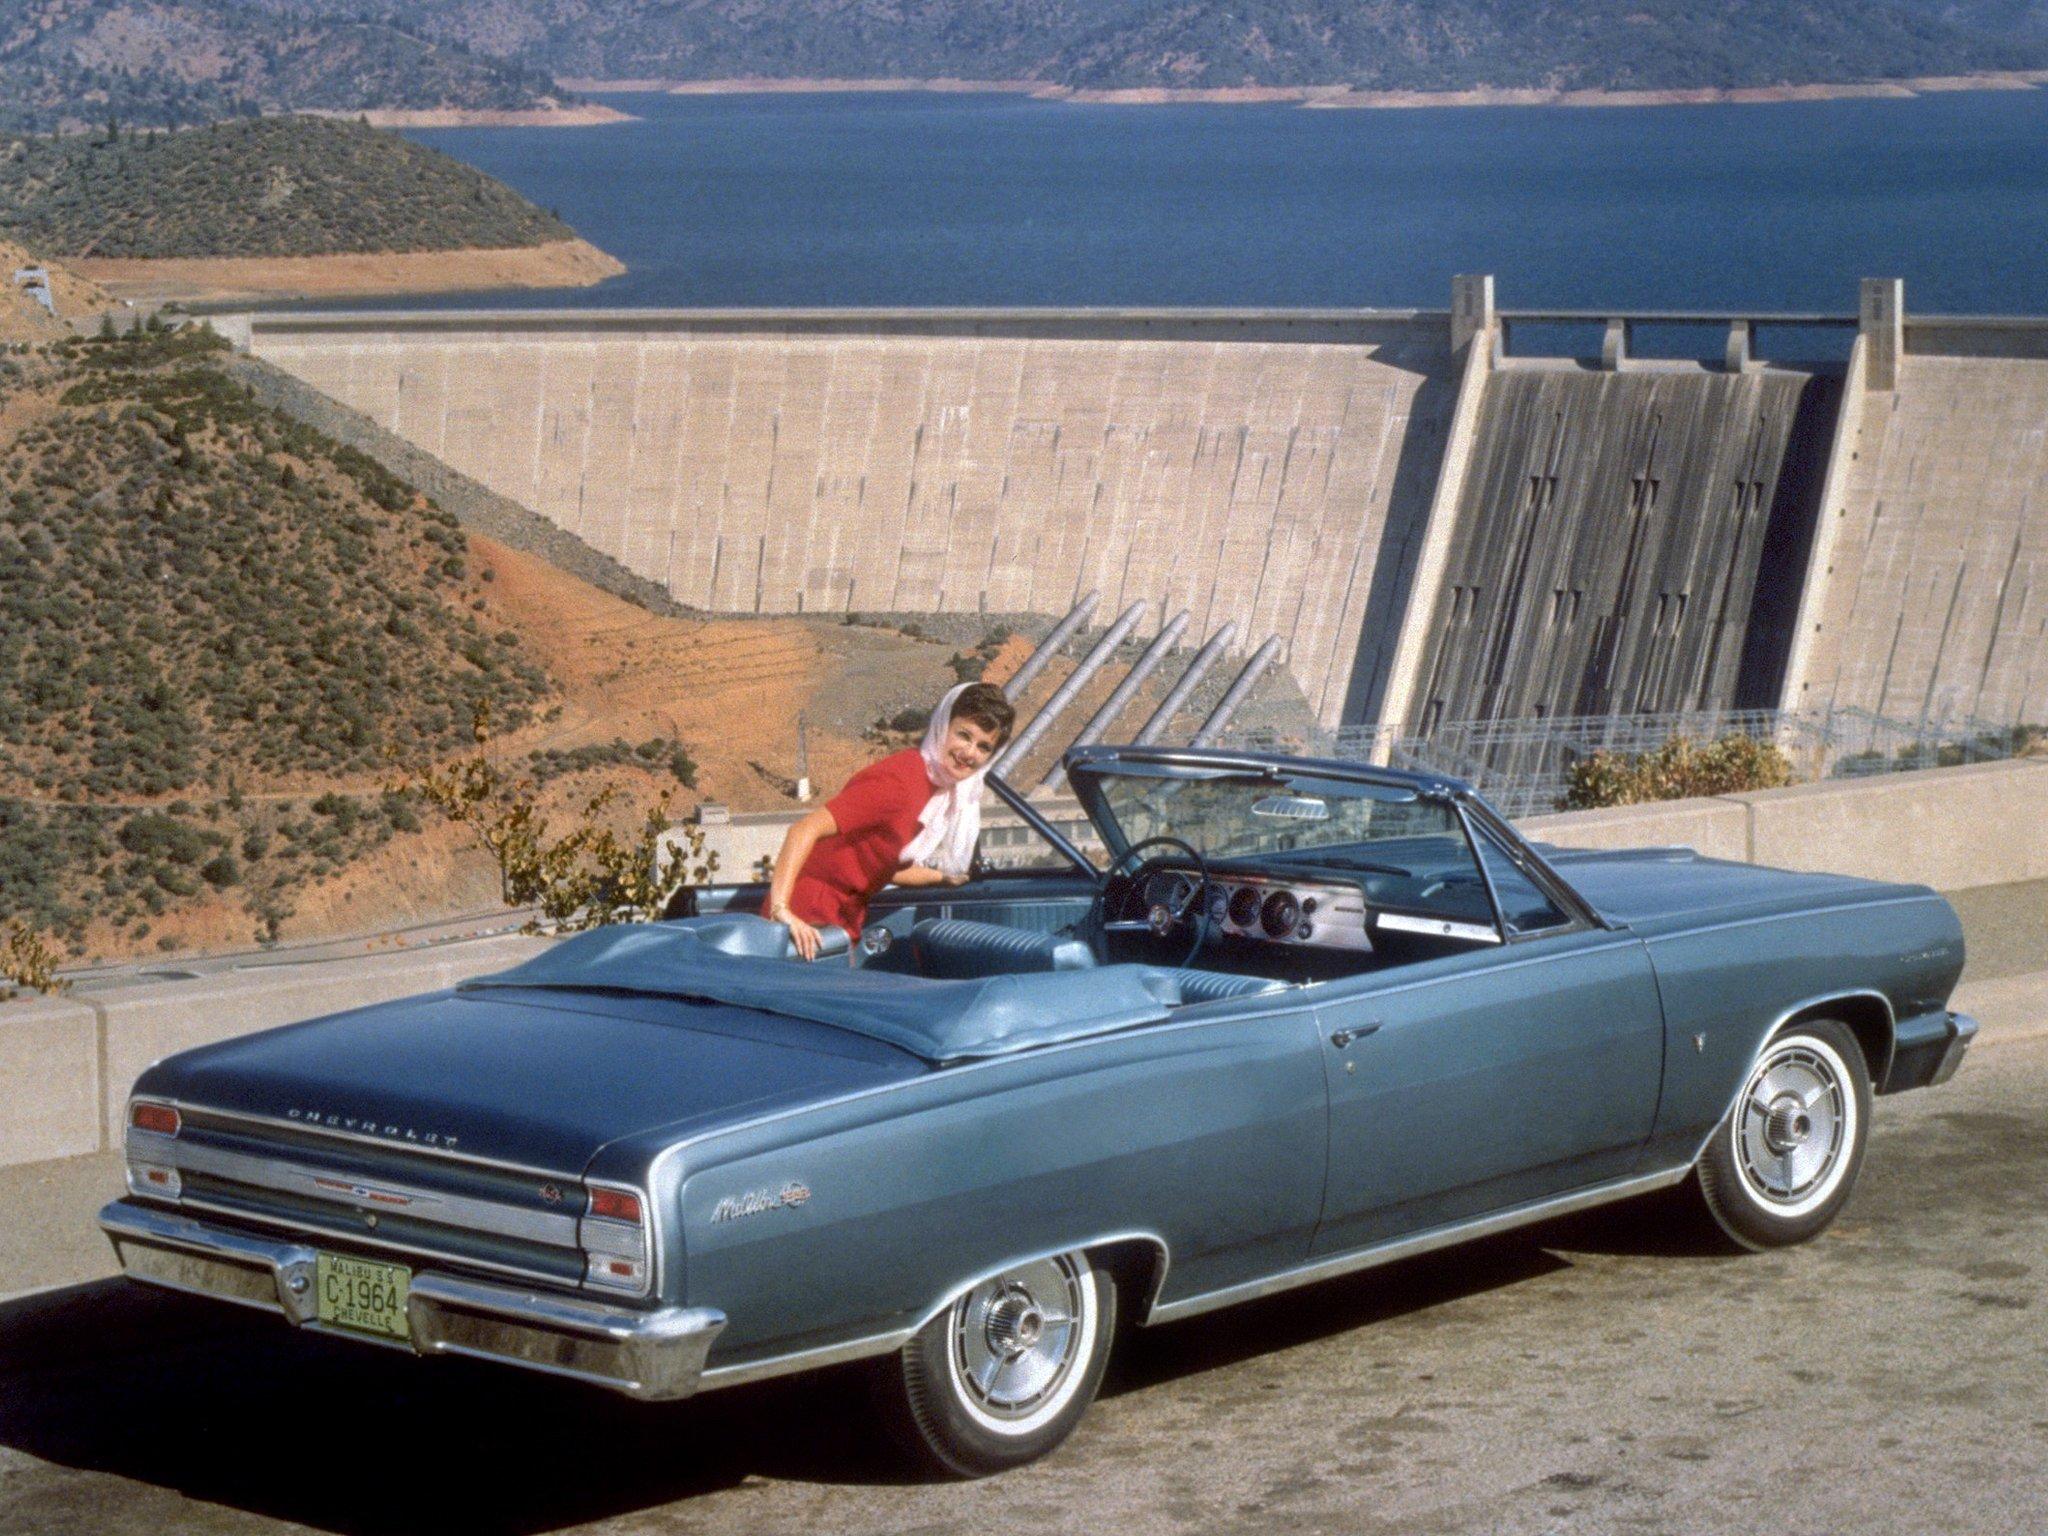 1964 Chevrolet Chevelle Malibu S S Convertible 5758 67